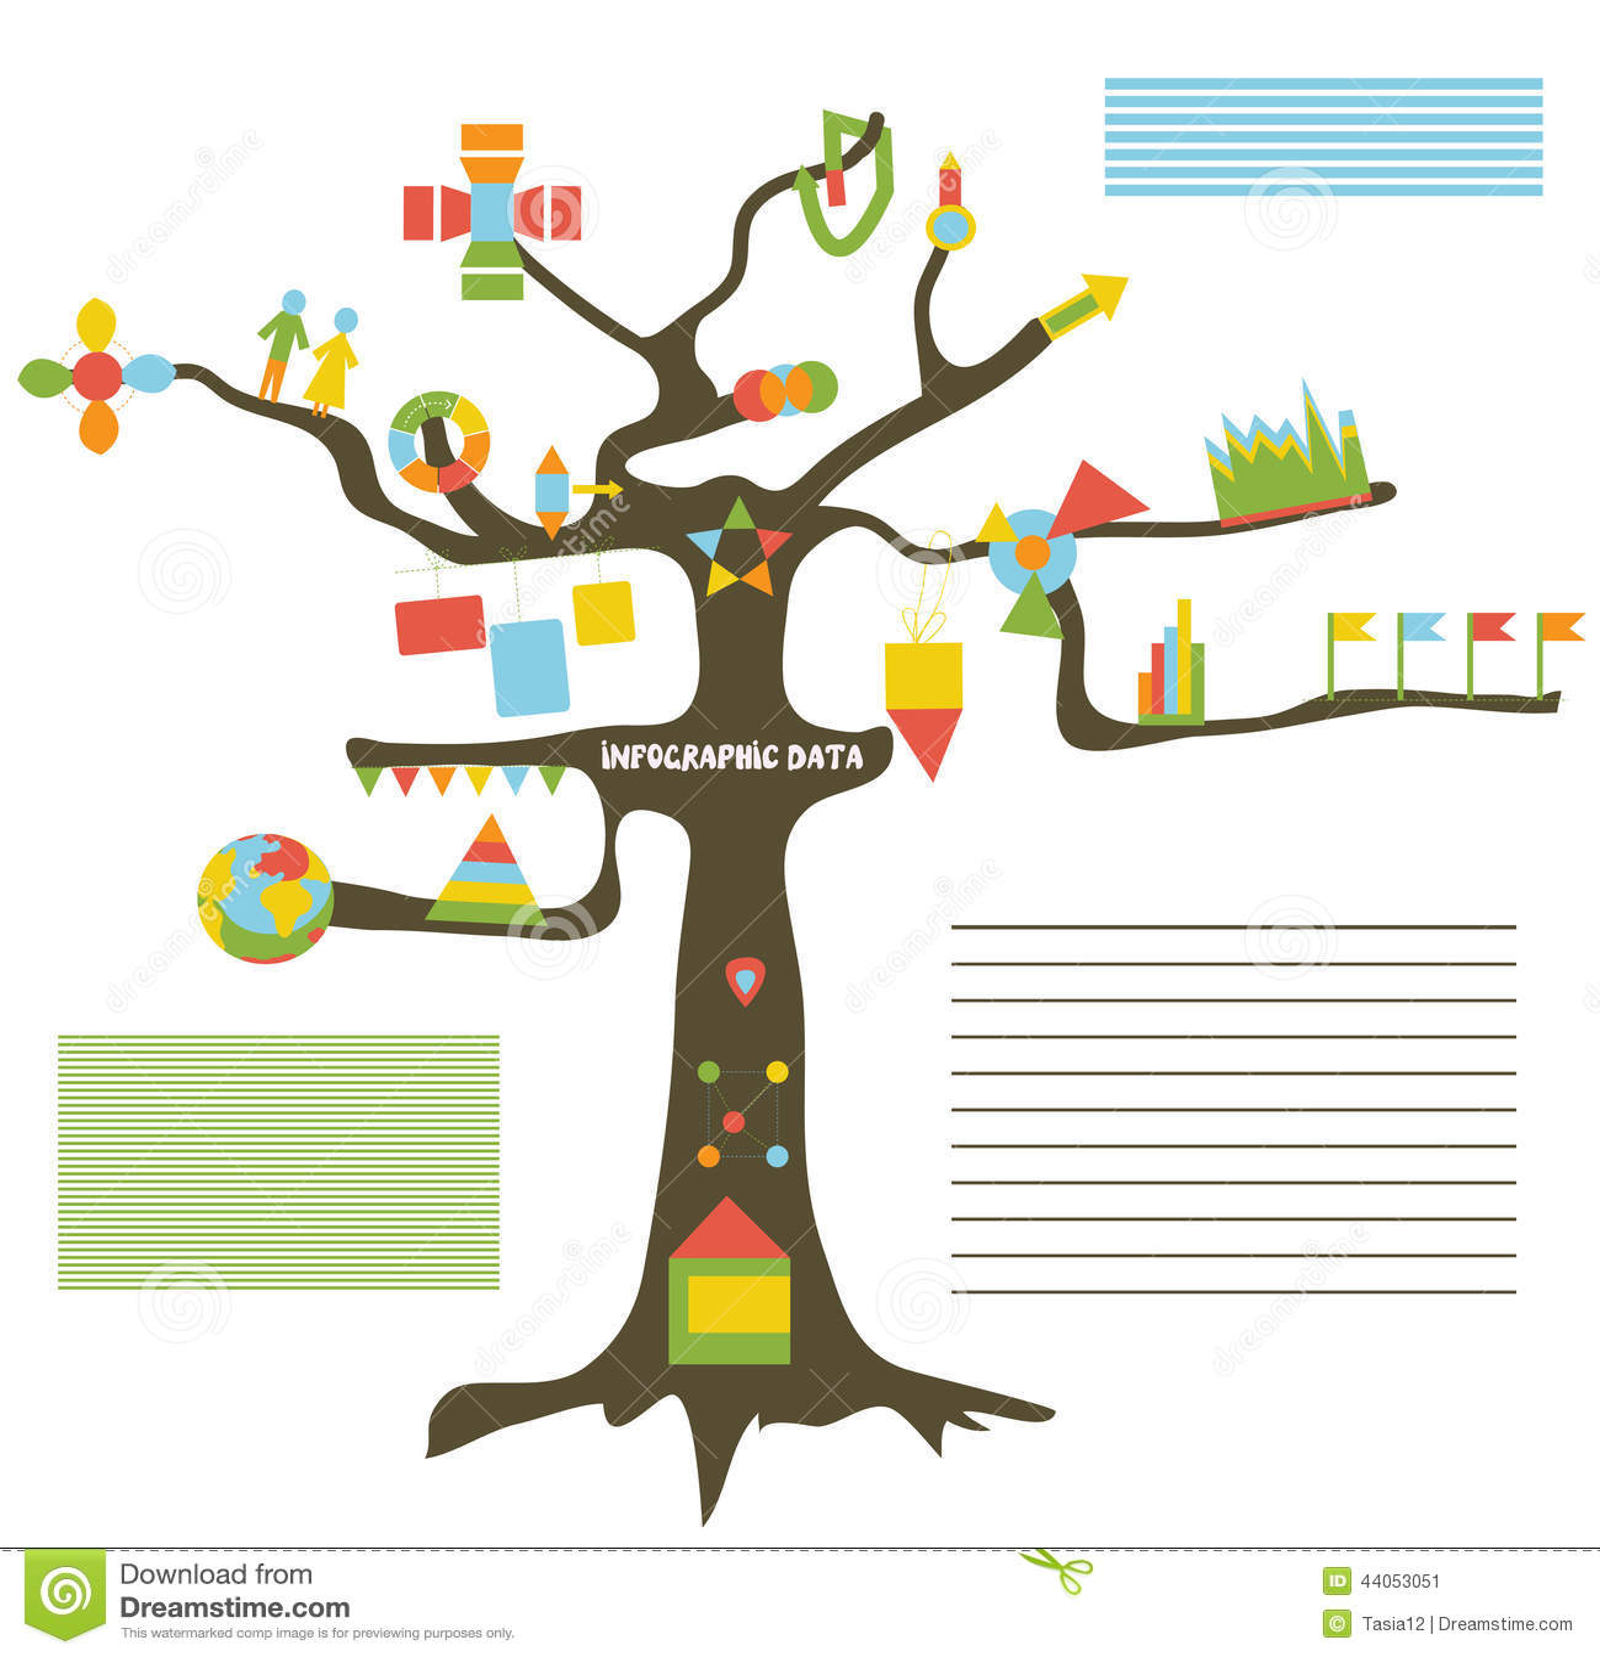 关于树的infographic数据-介绍模板.图片